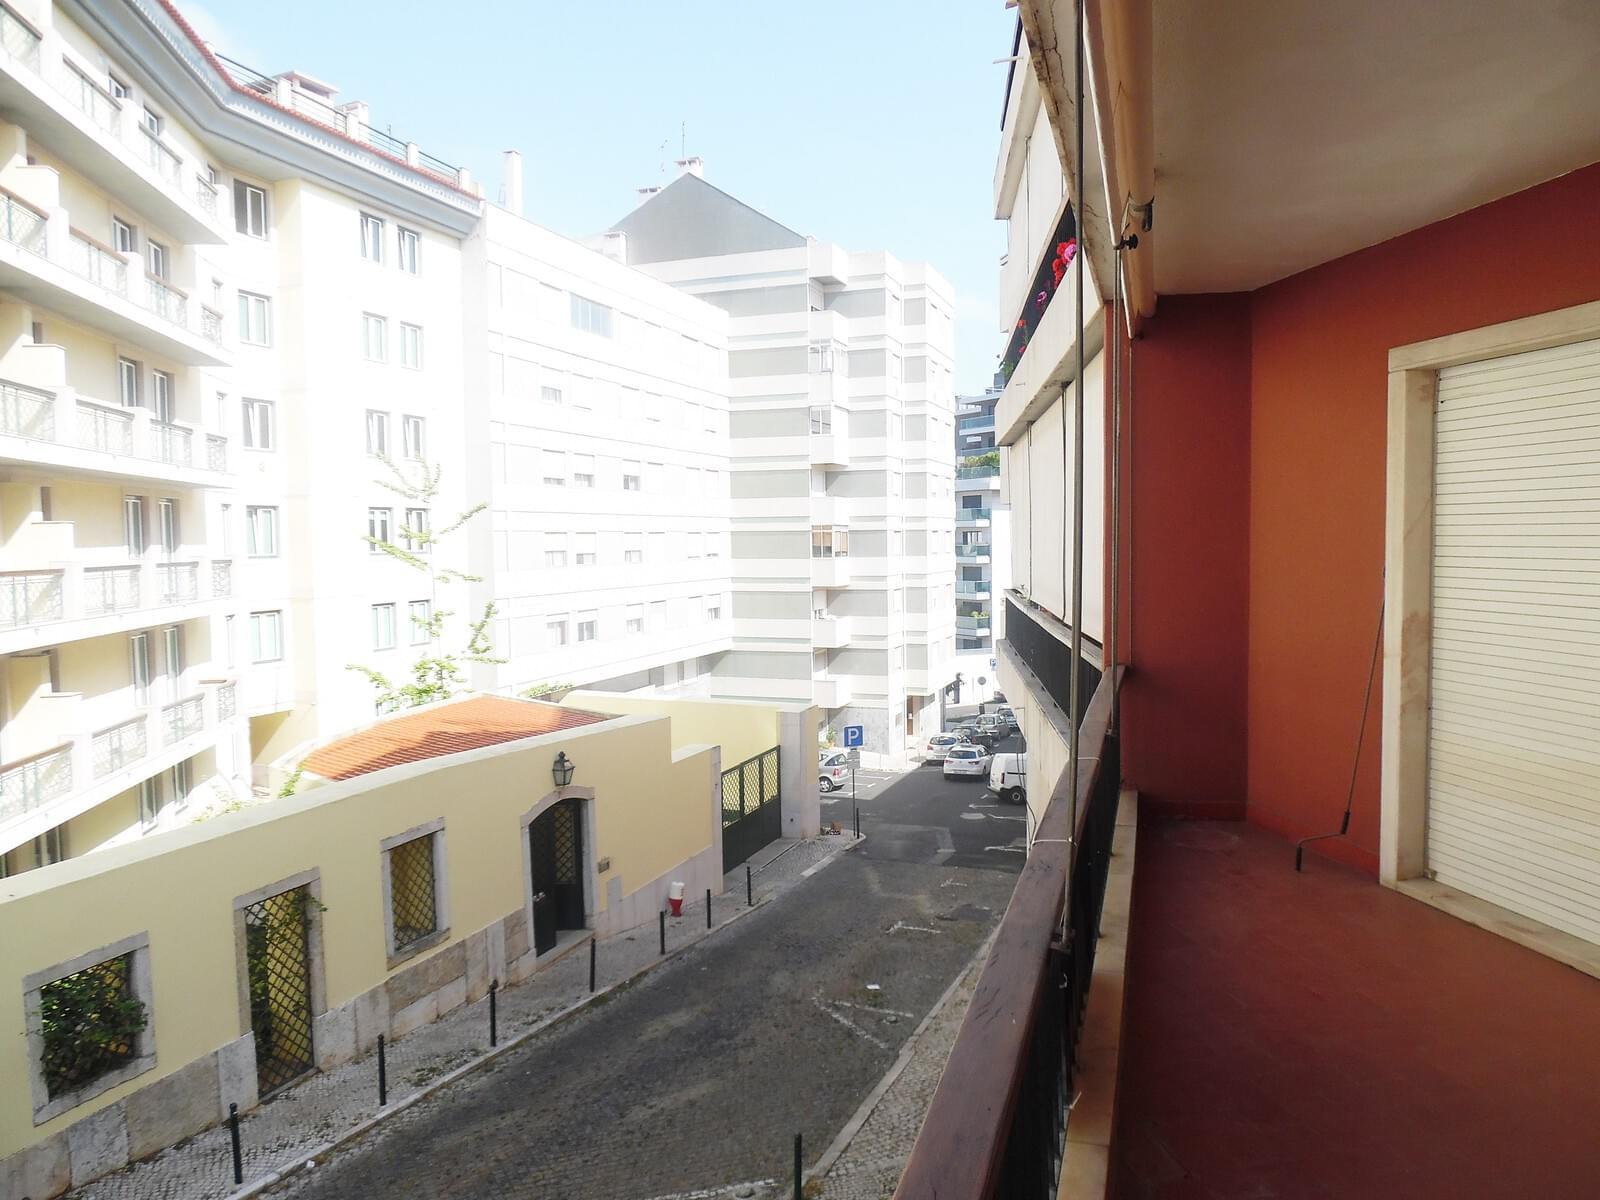 pf17621-apartamento-t4-lisboa-964c84c4-d850-4927-a8ef-3b01de183390